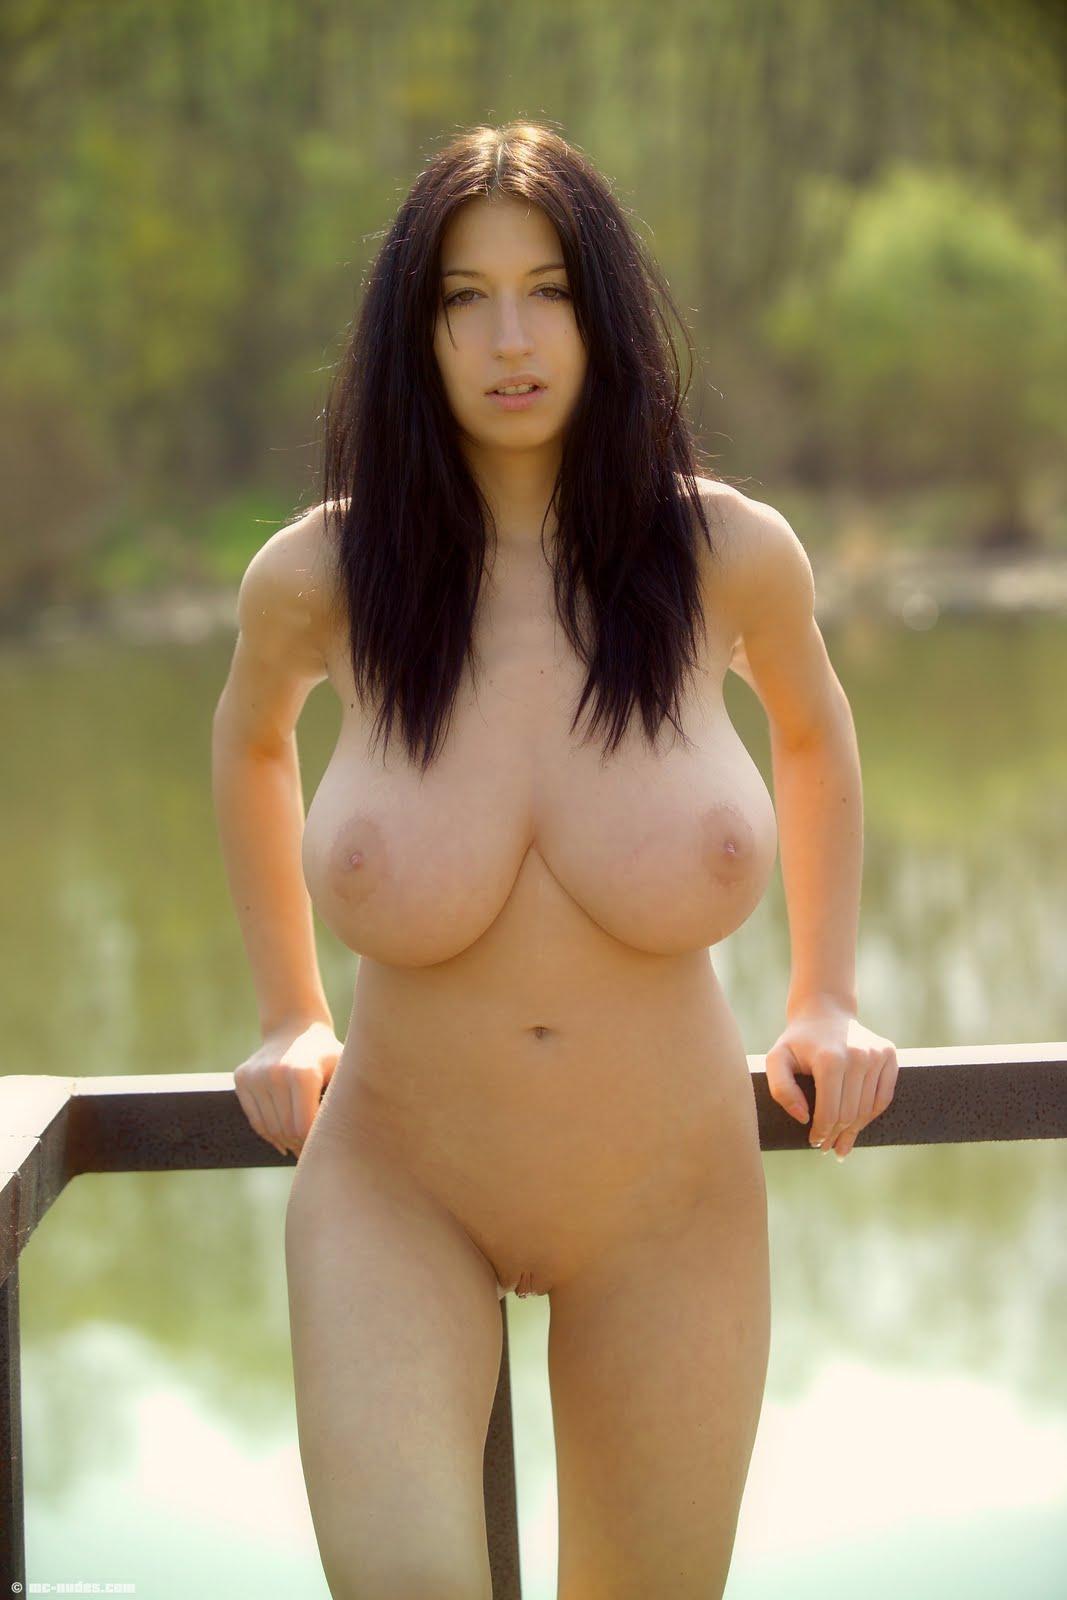 Jana defi nude would like